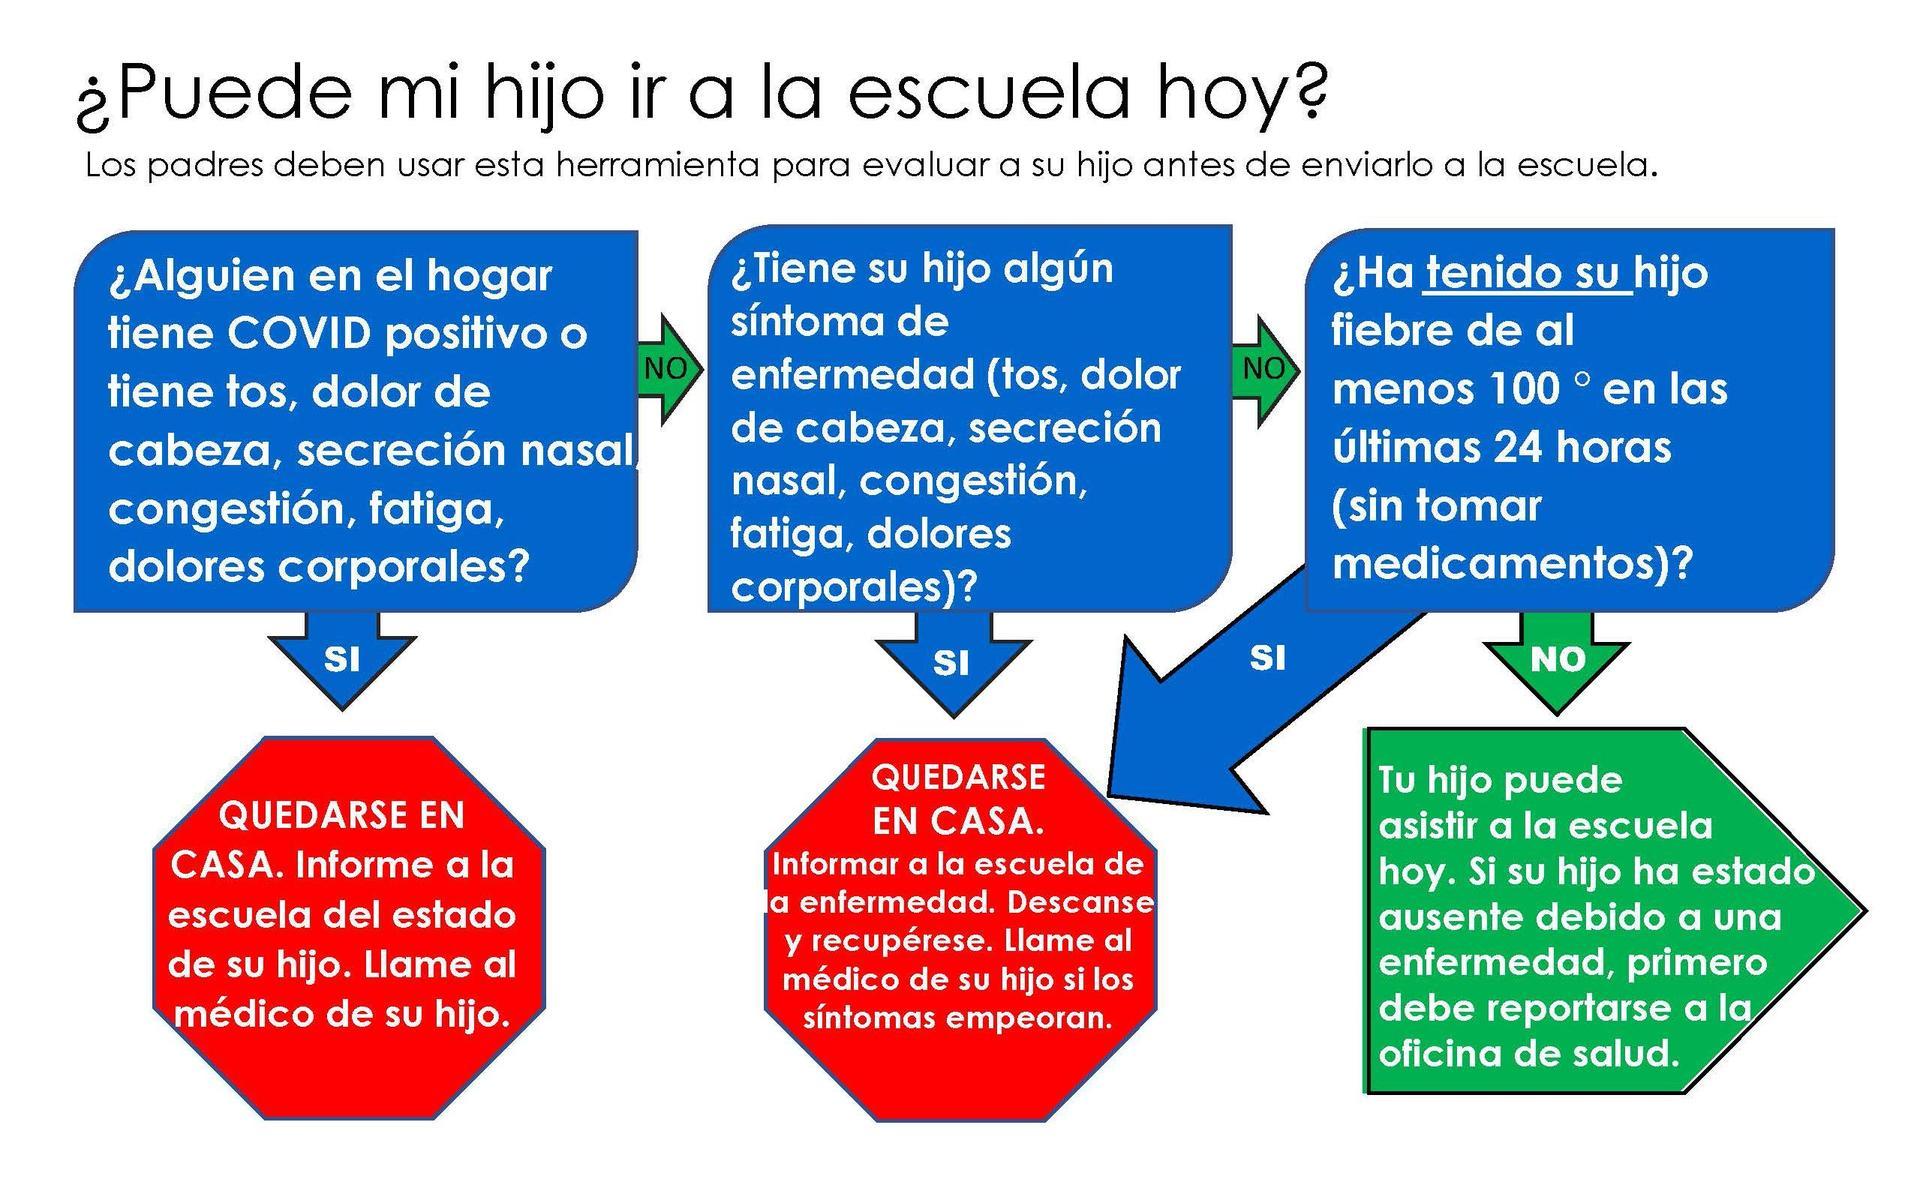 infografía para evaluar la salud del niño antes de enviarlo a la escuela - en español